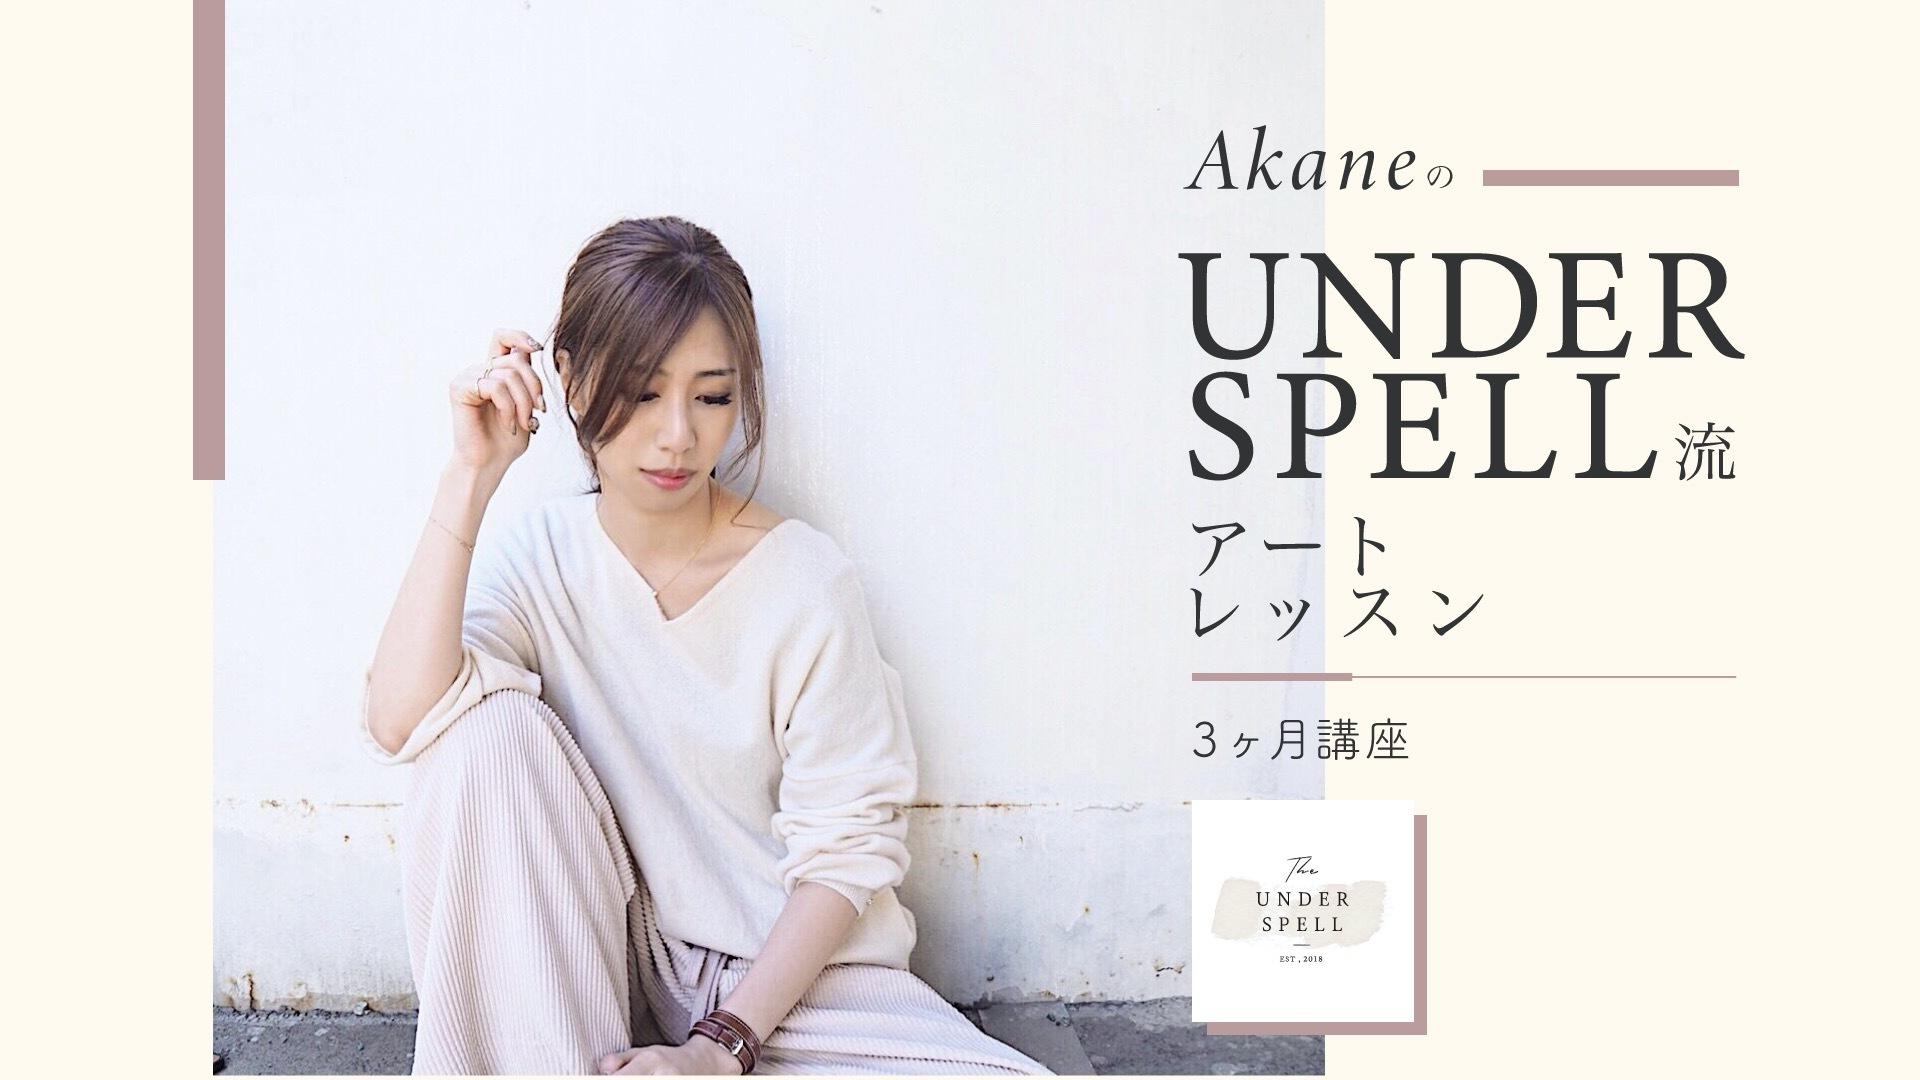 AkaneのUNDER SPELL流アートレッスン3ヶ月